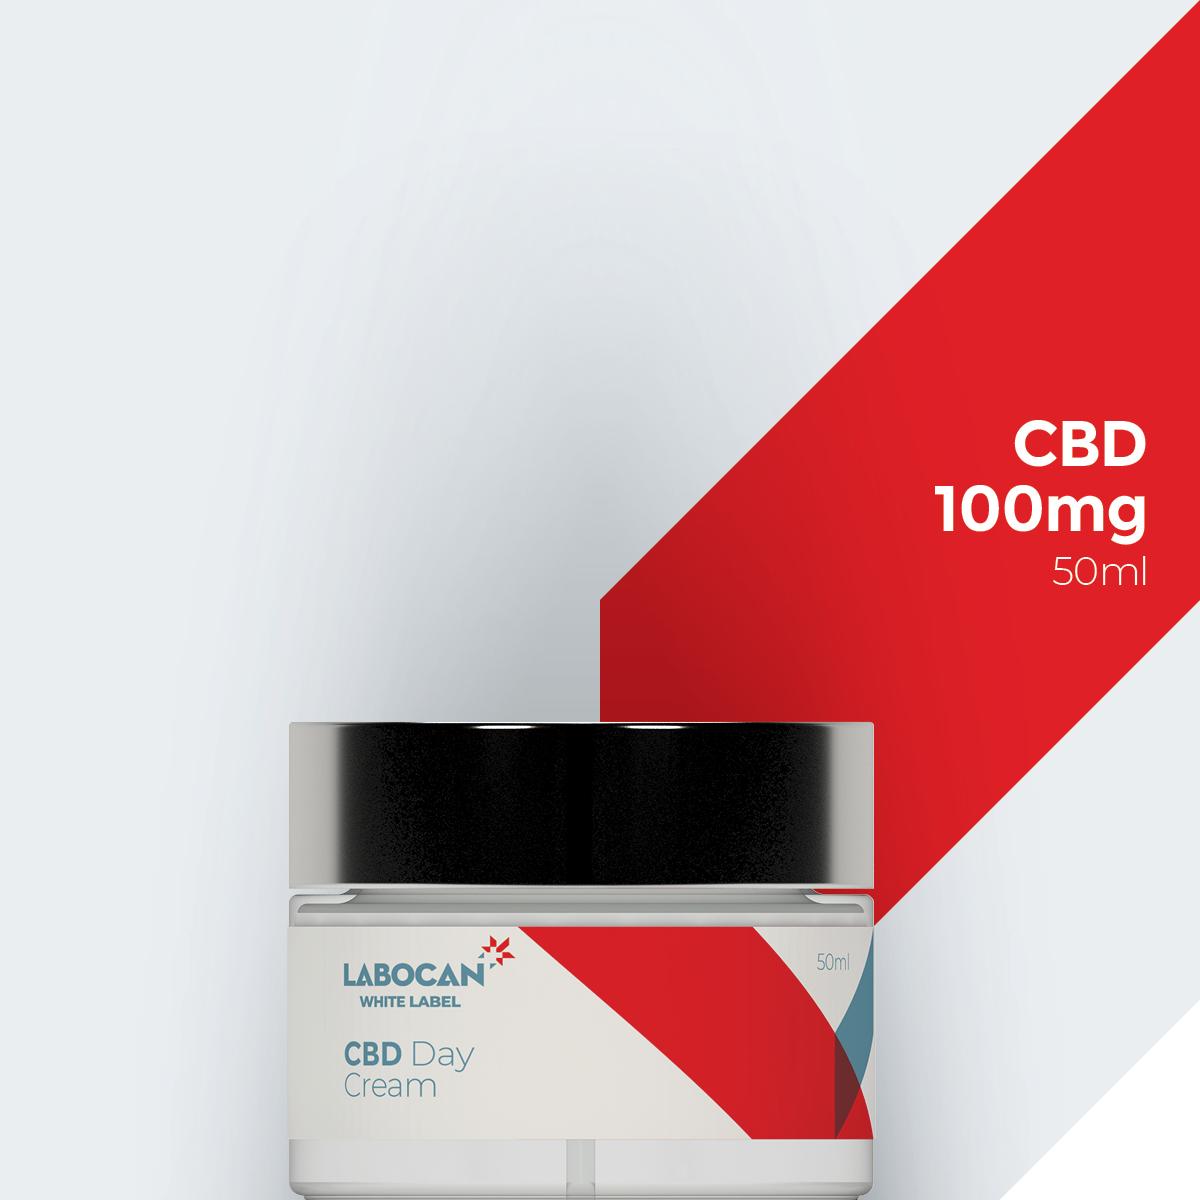 White Label CBD Dagcrème